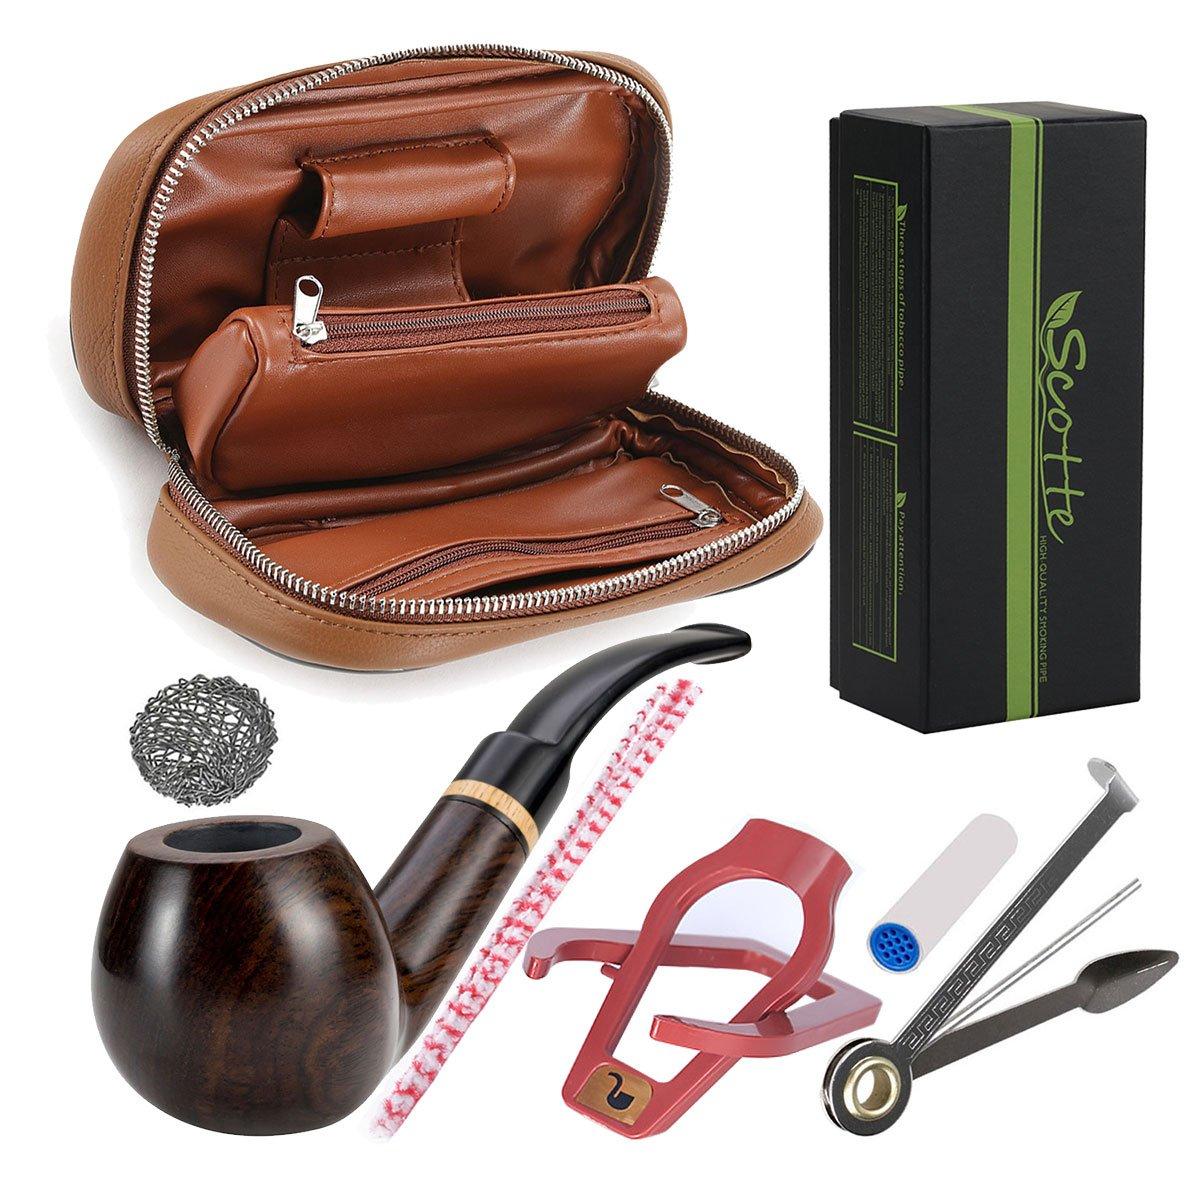 Scotte New tobacco pipe+tobacco pipe pouch+ accessories(Scraper/stand/Filter Element/filter ball/small bag/box)